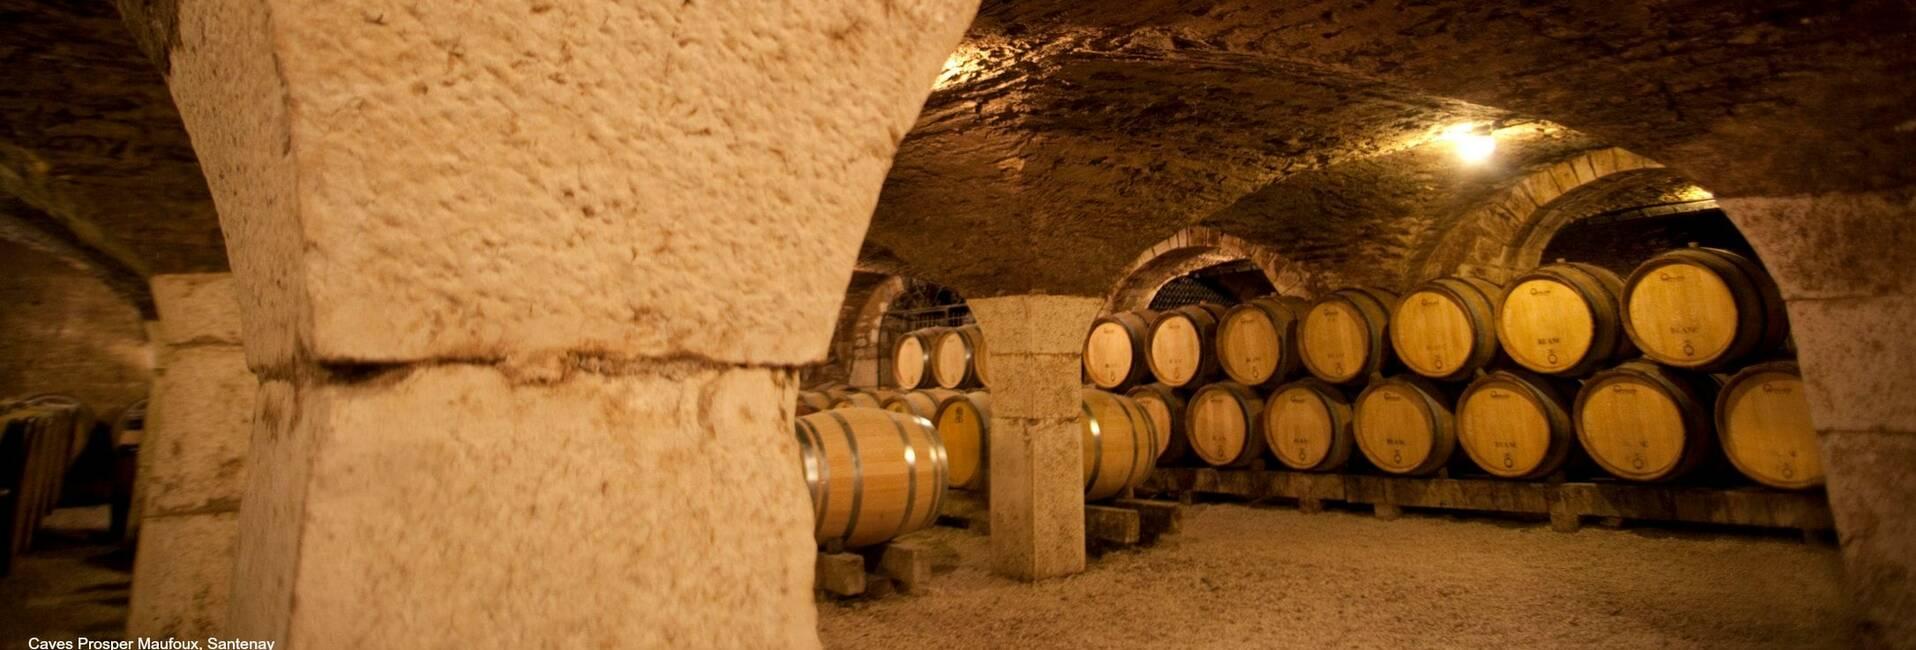 Visitas a bodegas en Beaune, Meursault, Santenay, Chagny, Nolay, Savigny-les-Beaune